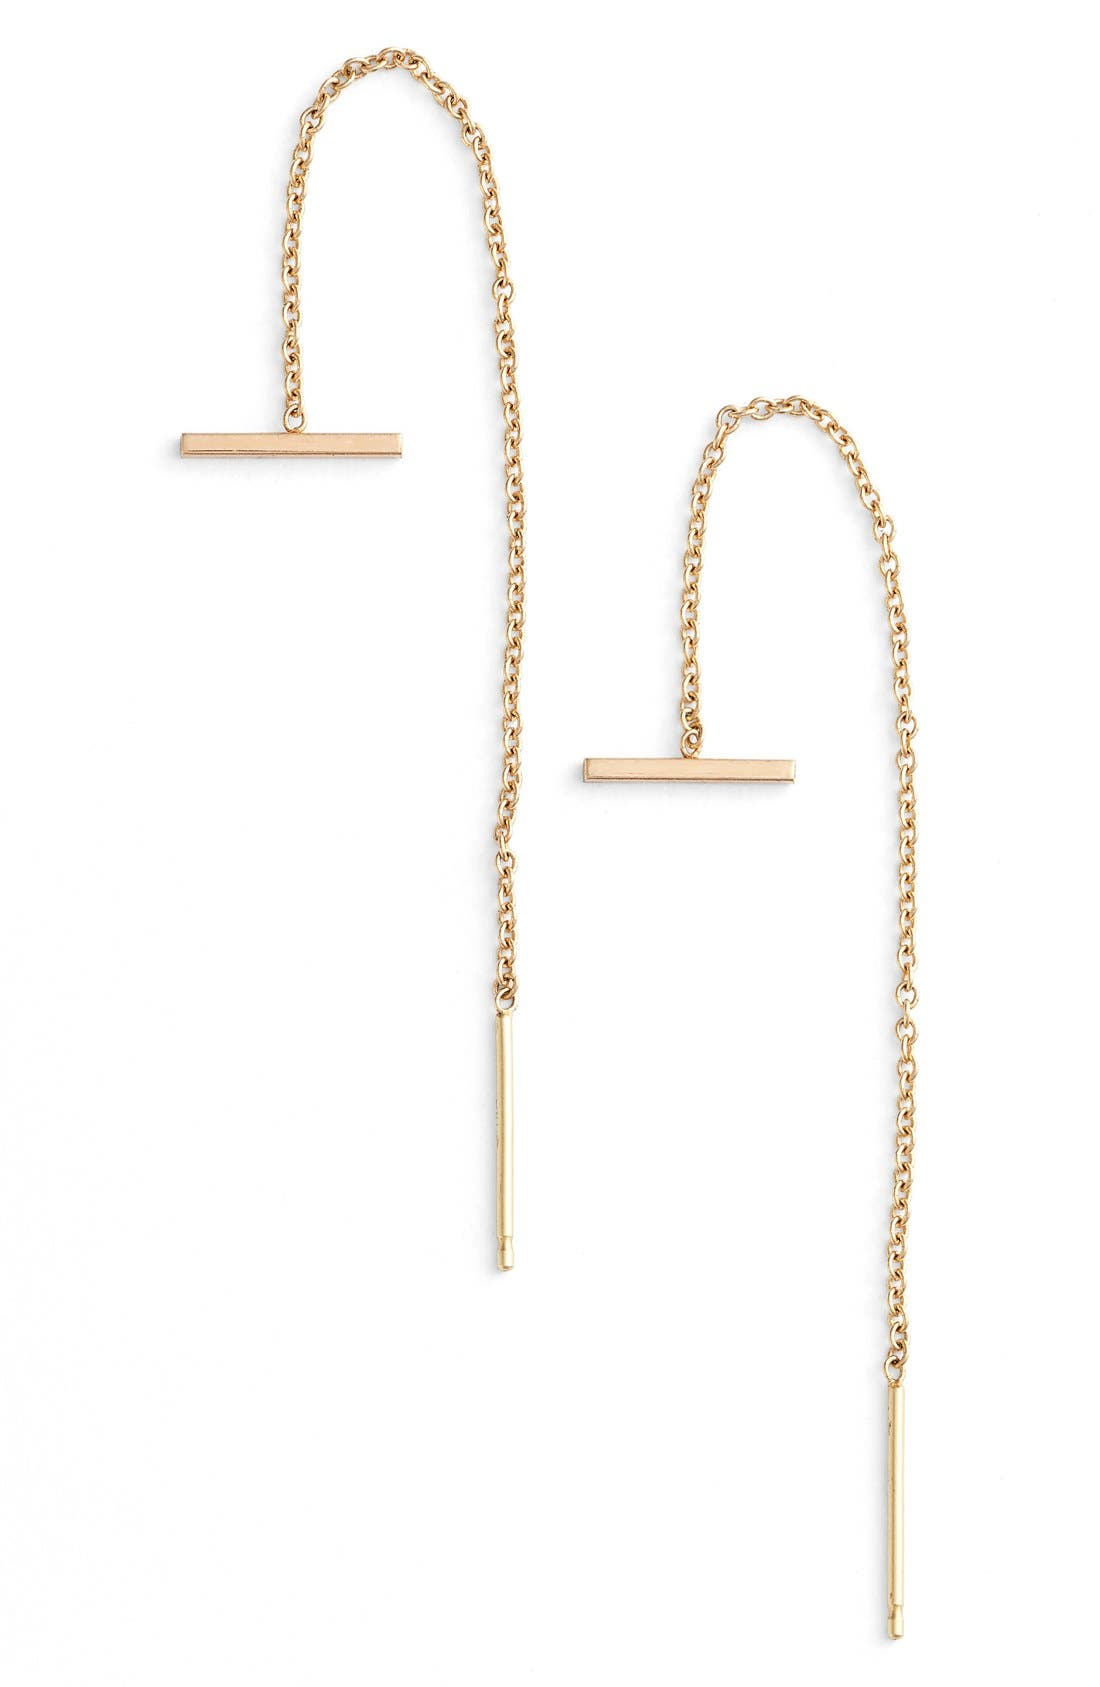 Alternate Image 1 Selected - Zoë Chicco Bar Threader Earrings